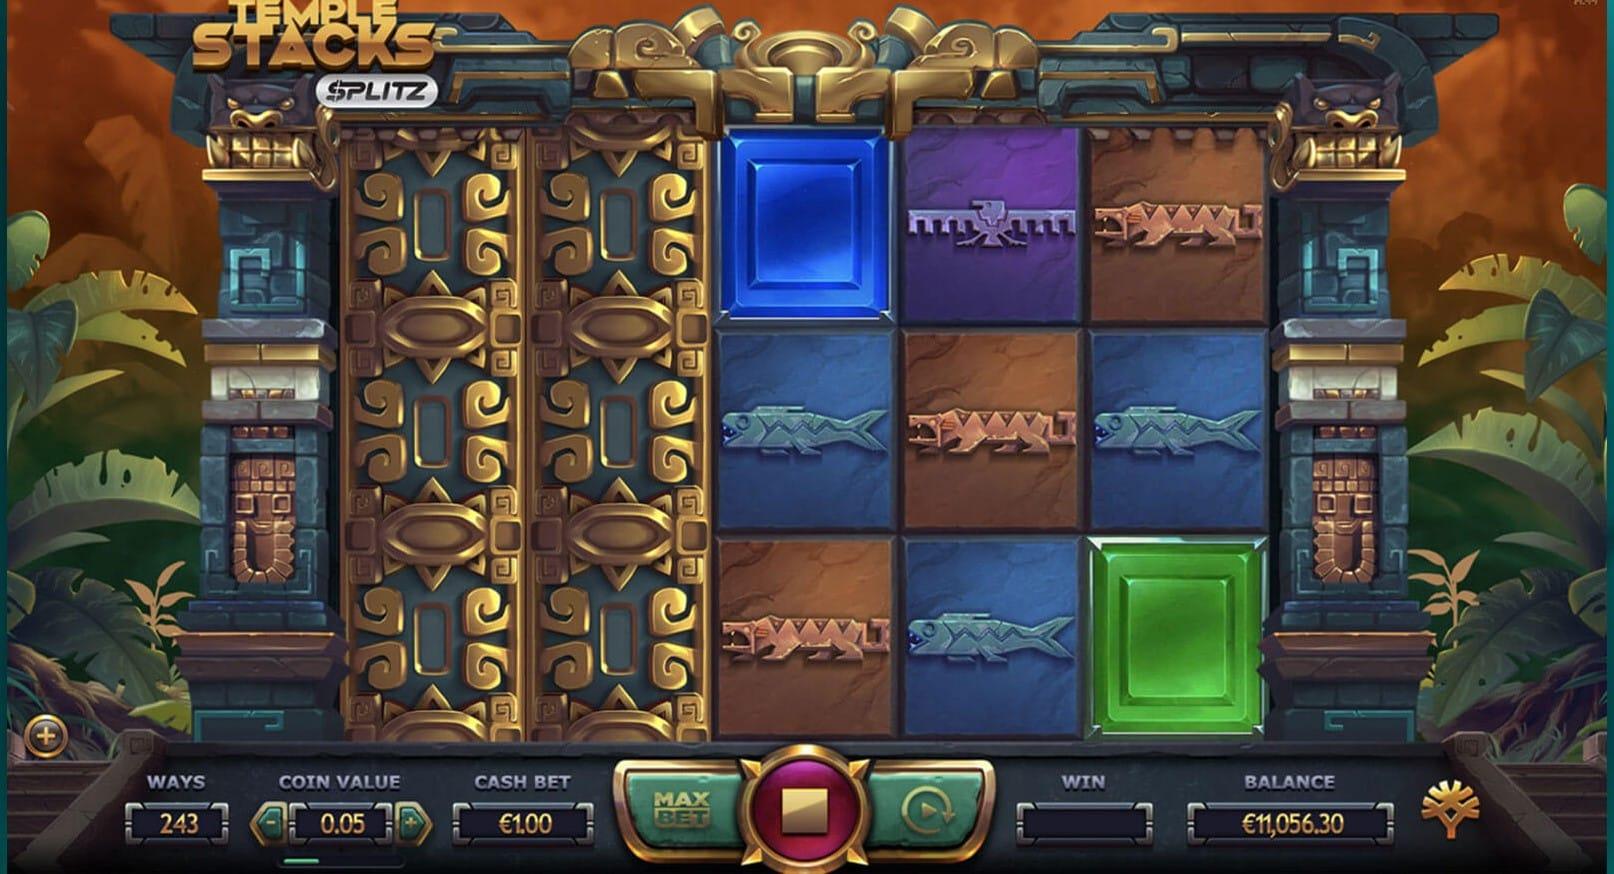 Temple Stacks: Splits Slot Game